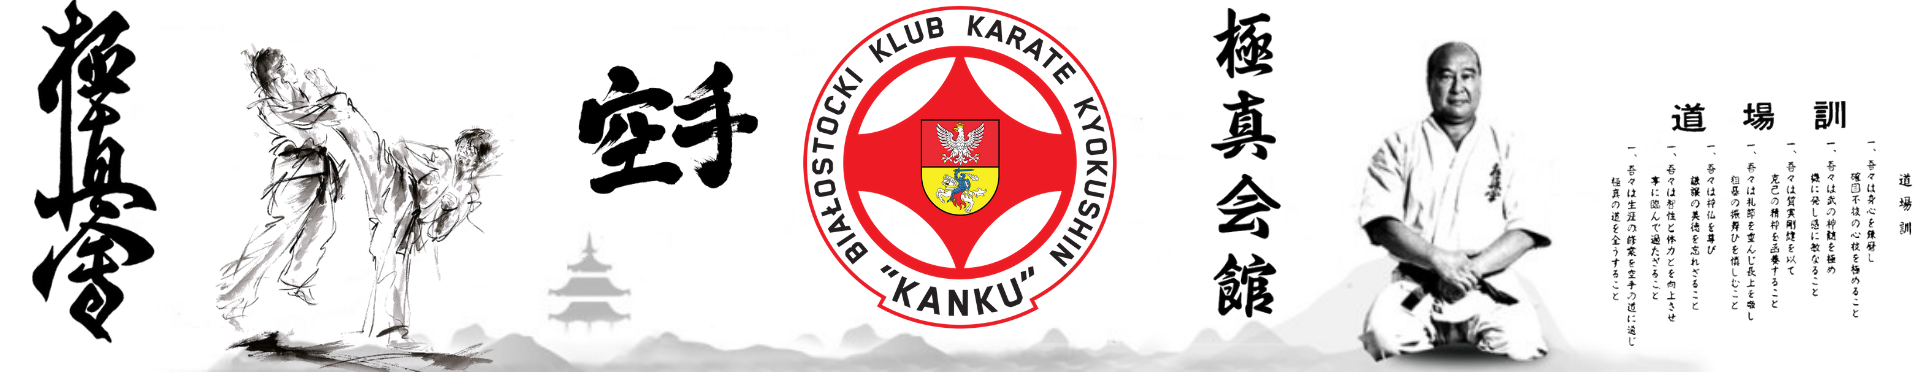 Białostocki Klub Karate Kyokushin KANKU